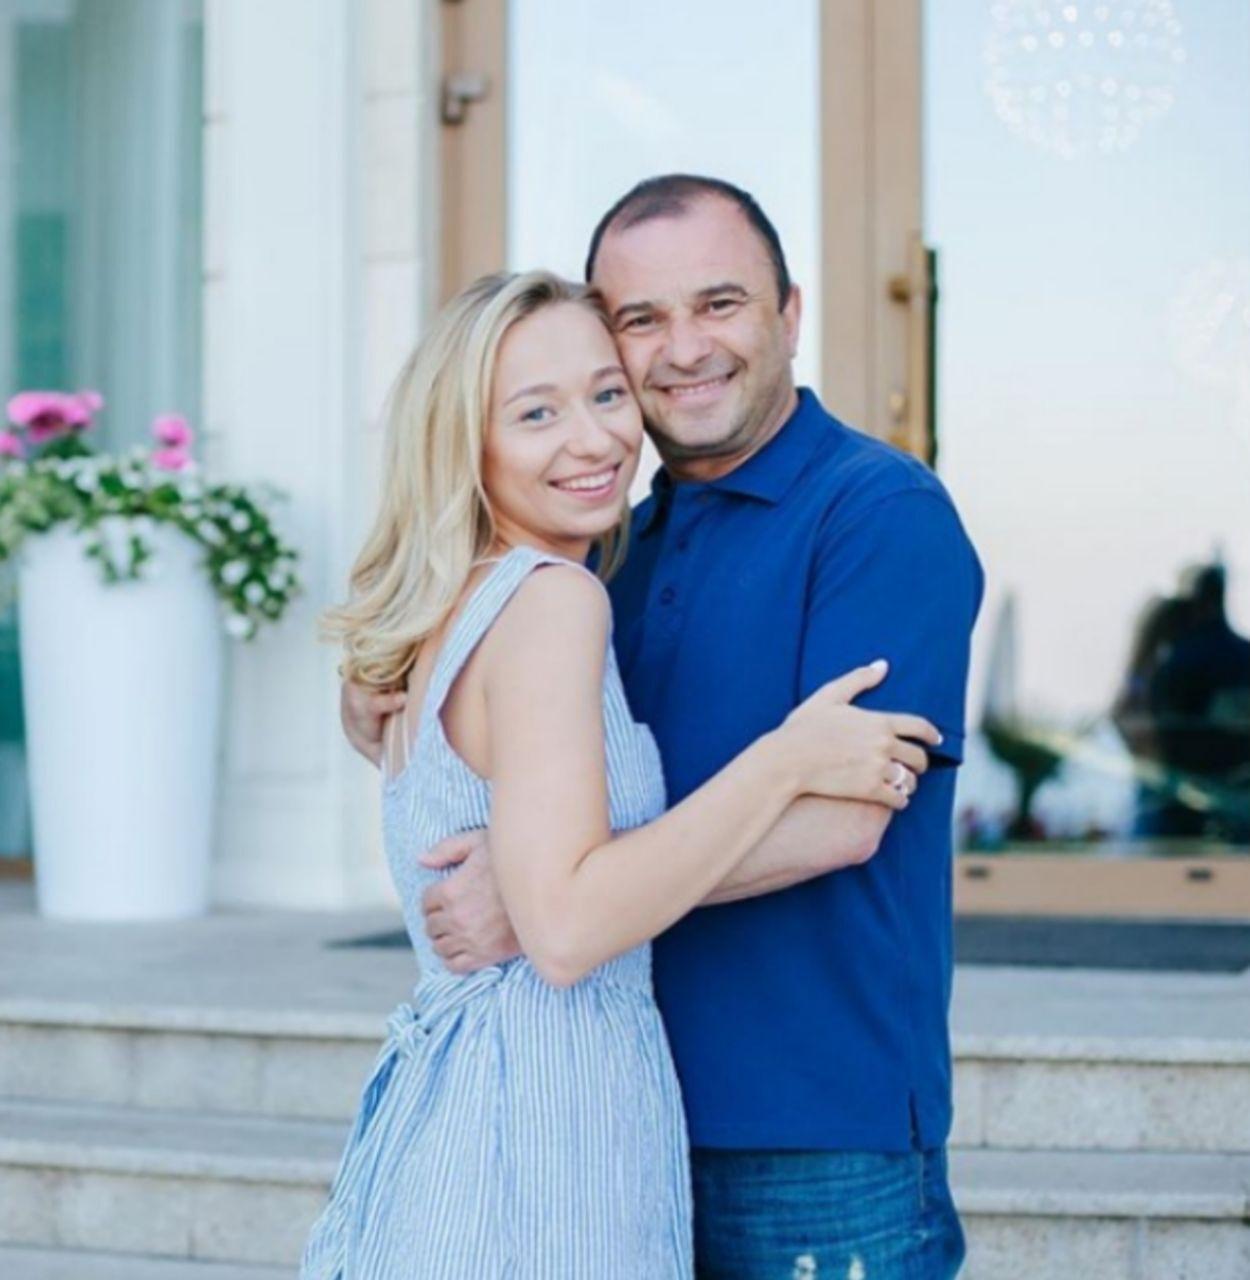 Катерина Репьяхова сообщила дату свадьбы с Виктором Павликом